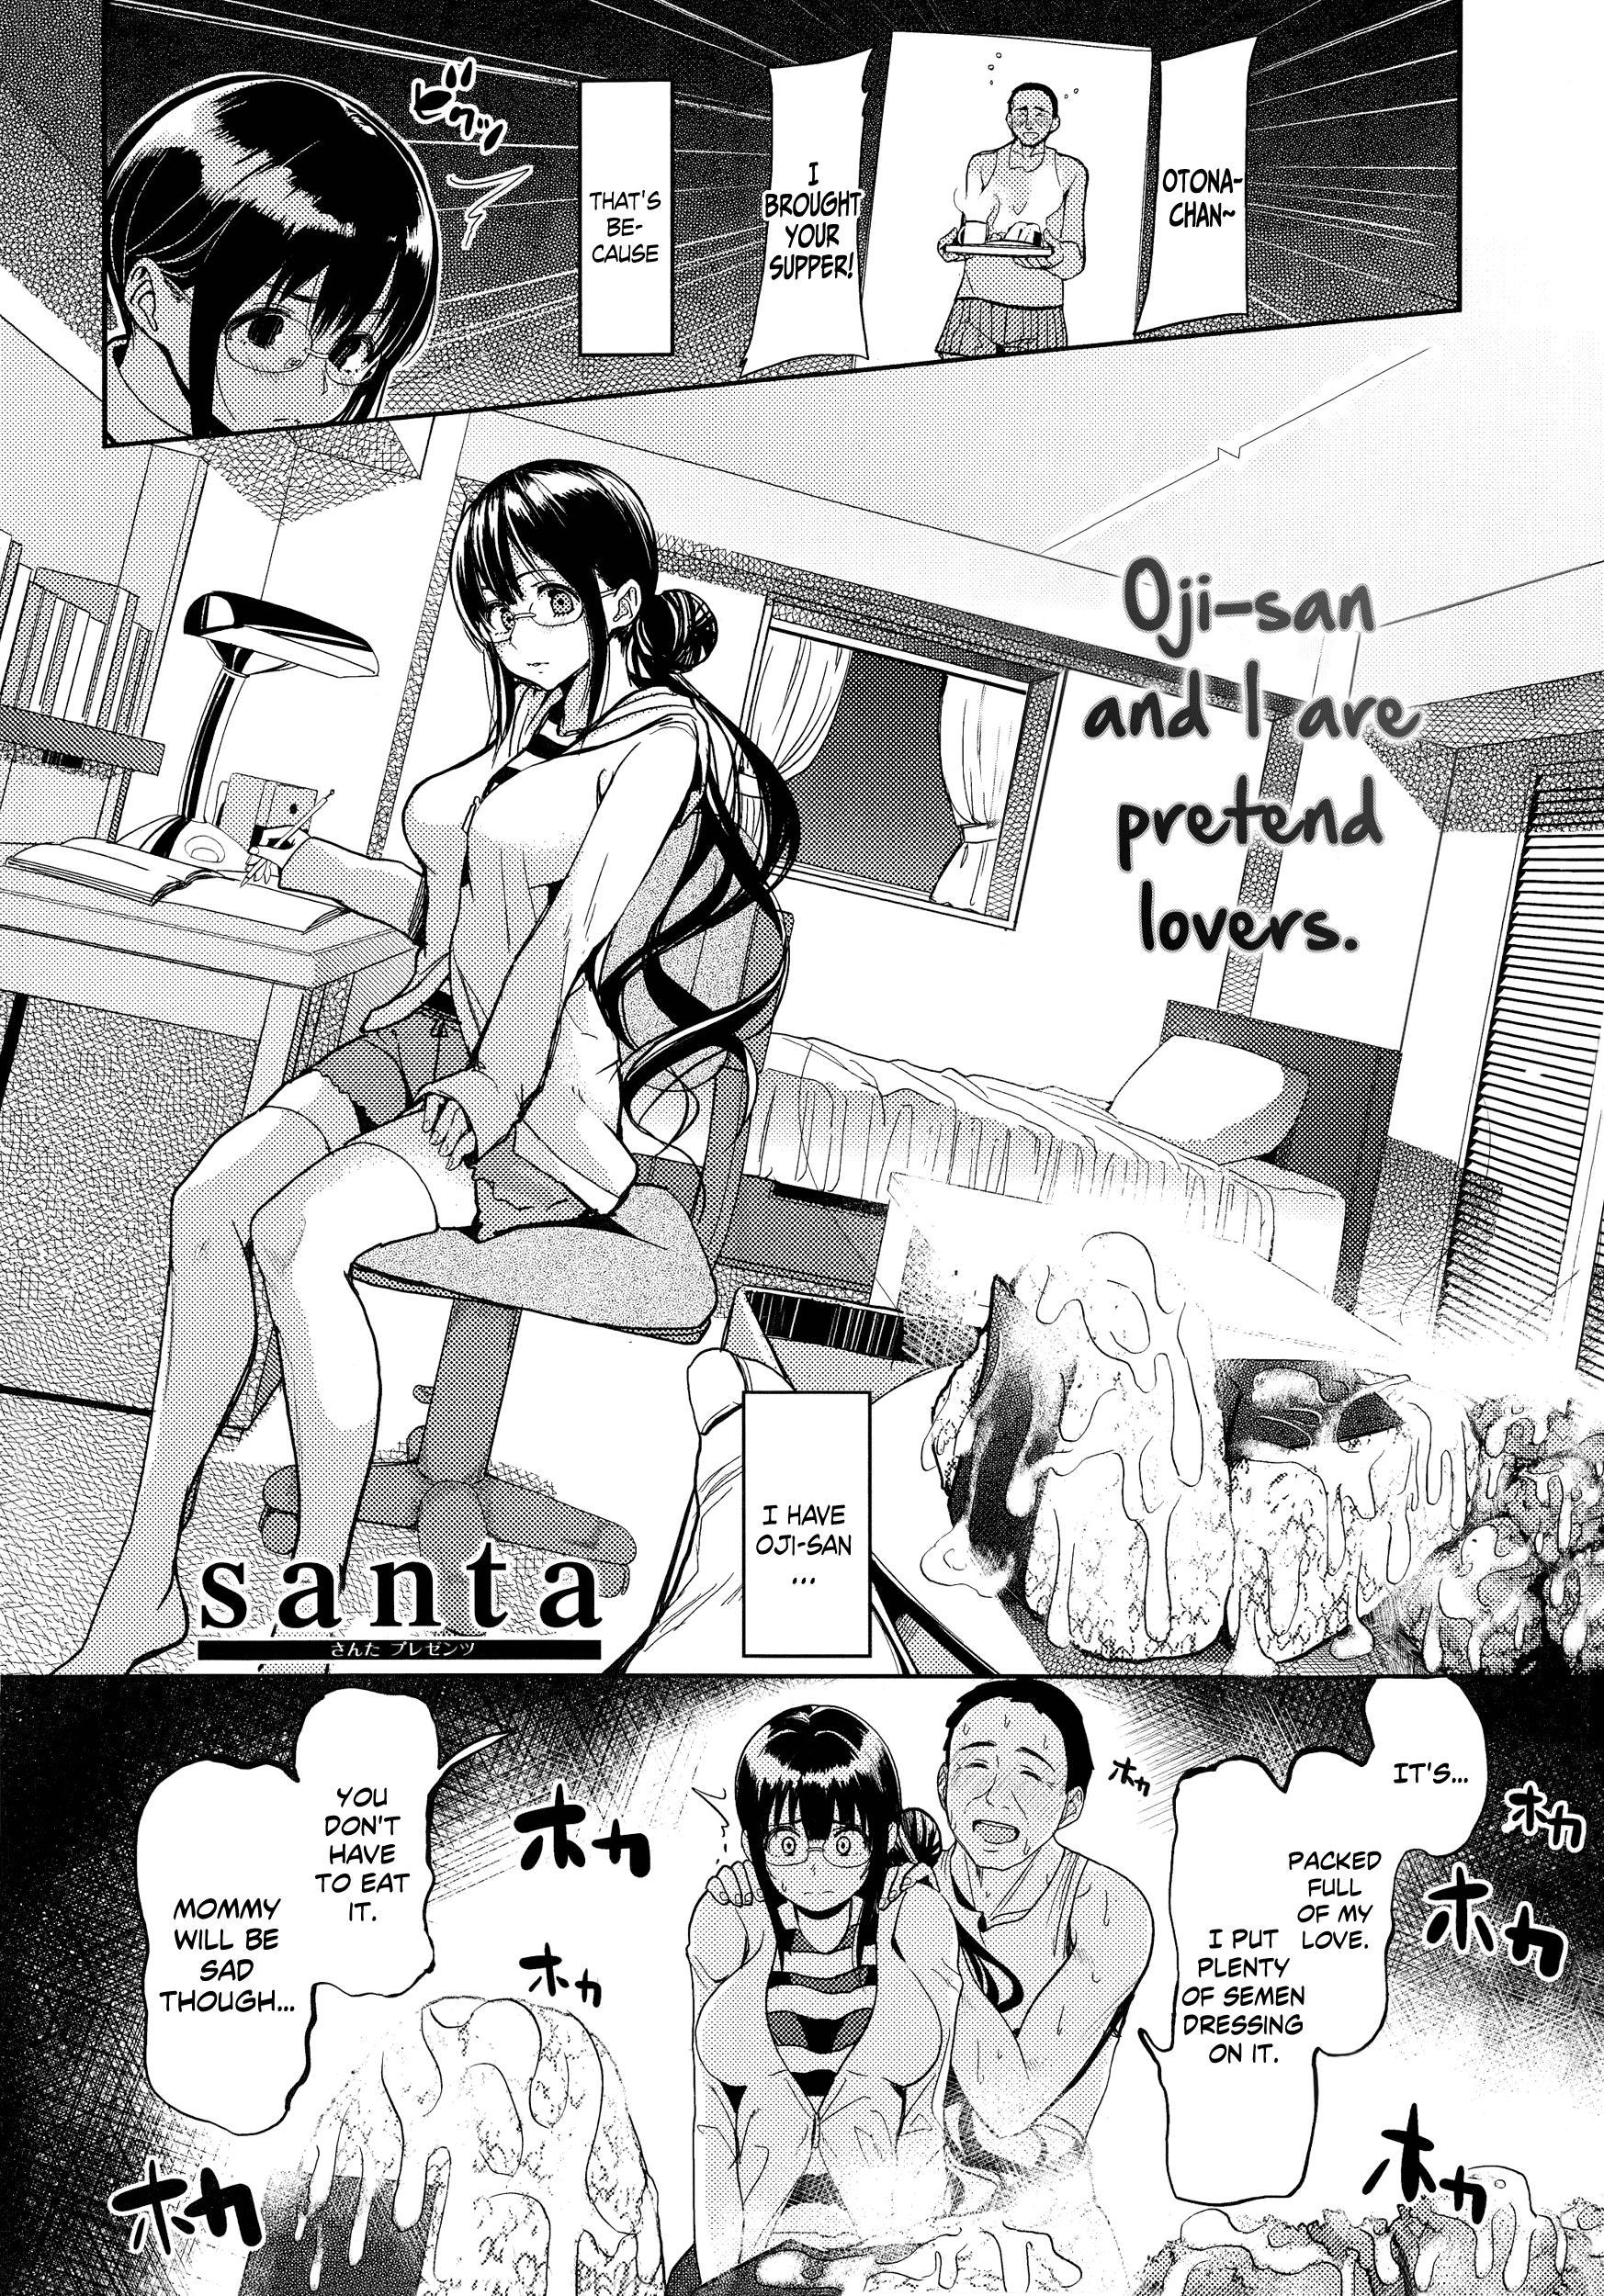 [santa] Oji-san to Watashi no Koibito Gokko   Oji-san And I Are Pretend Lovers (COMIC Kairakuten 2014-08) [English] [LewdWaniBootleggers] 3